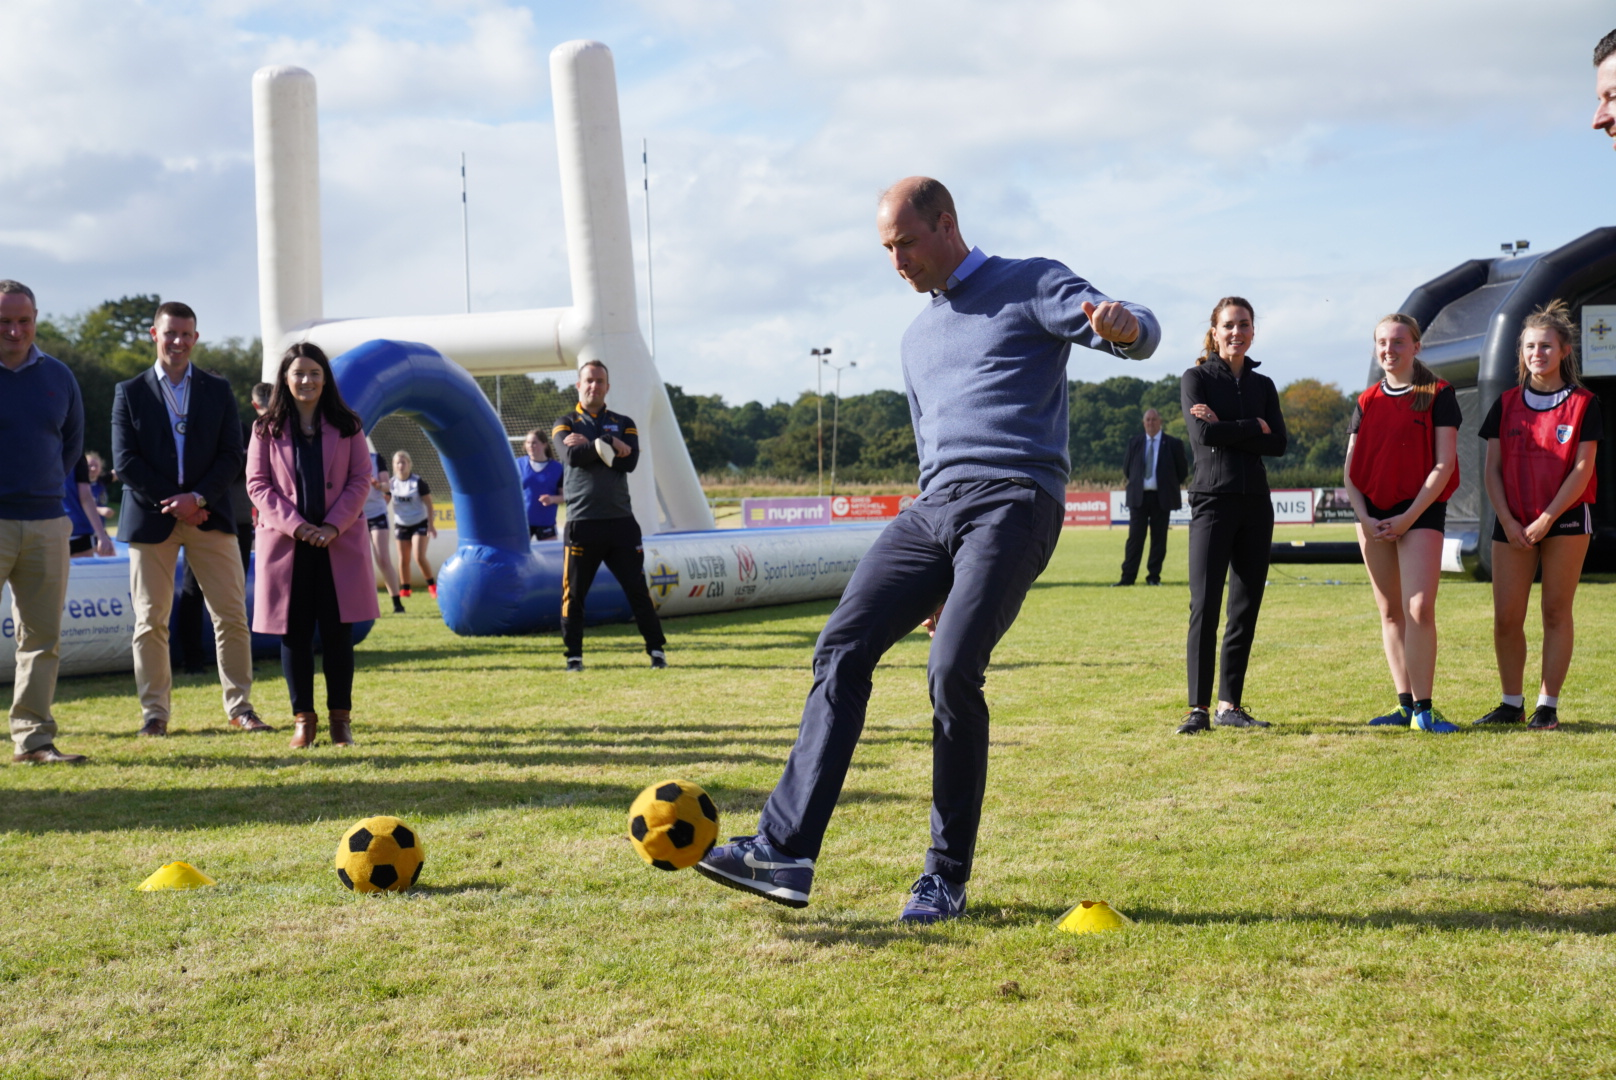 Sport Uniting Communities part of Royal visit